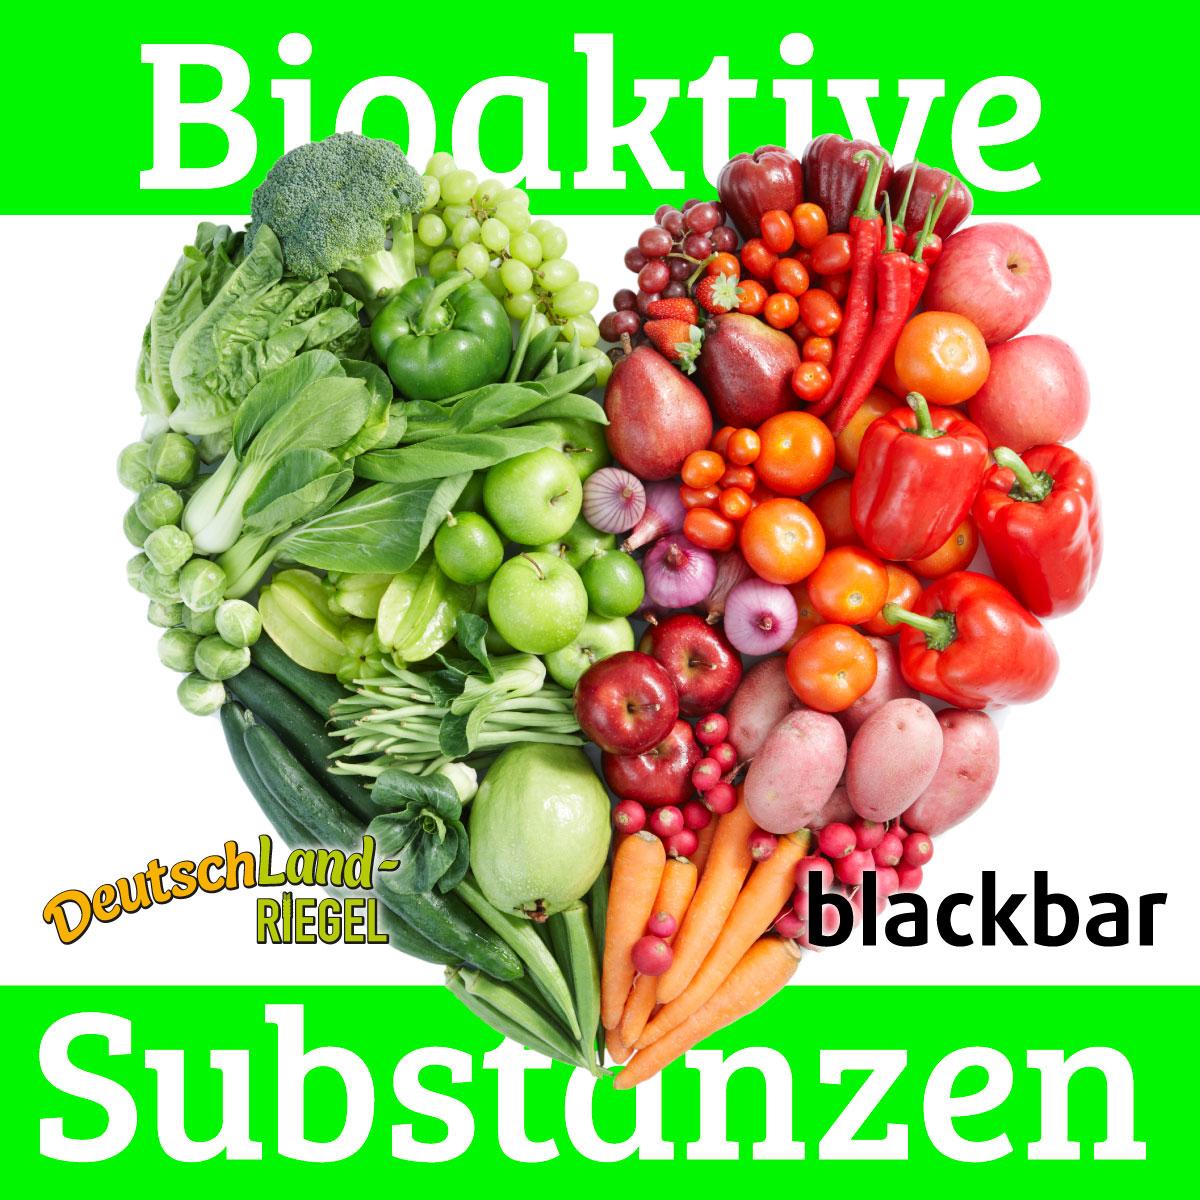 bioaktive-Substanzen-Deutschland-Riegel-blackbar